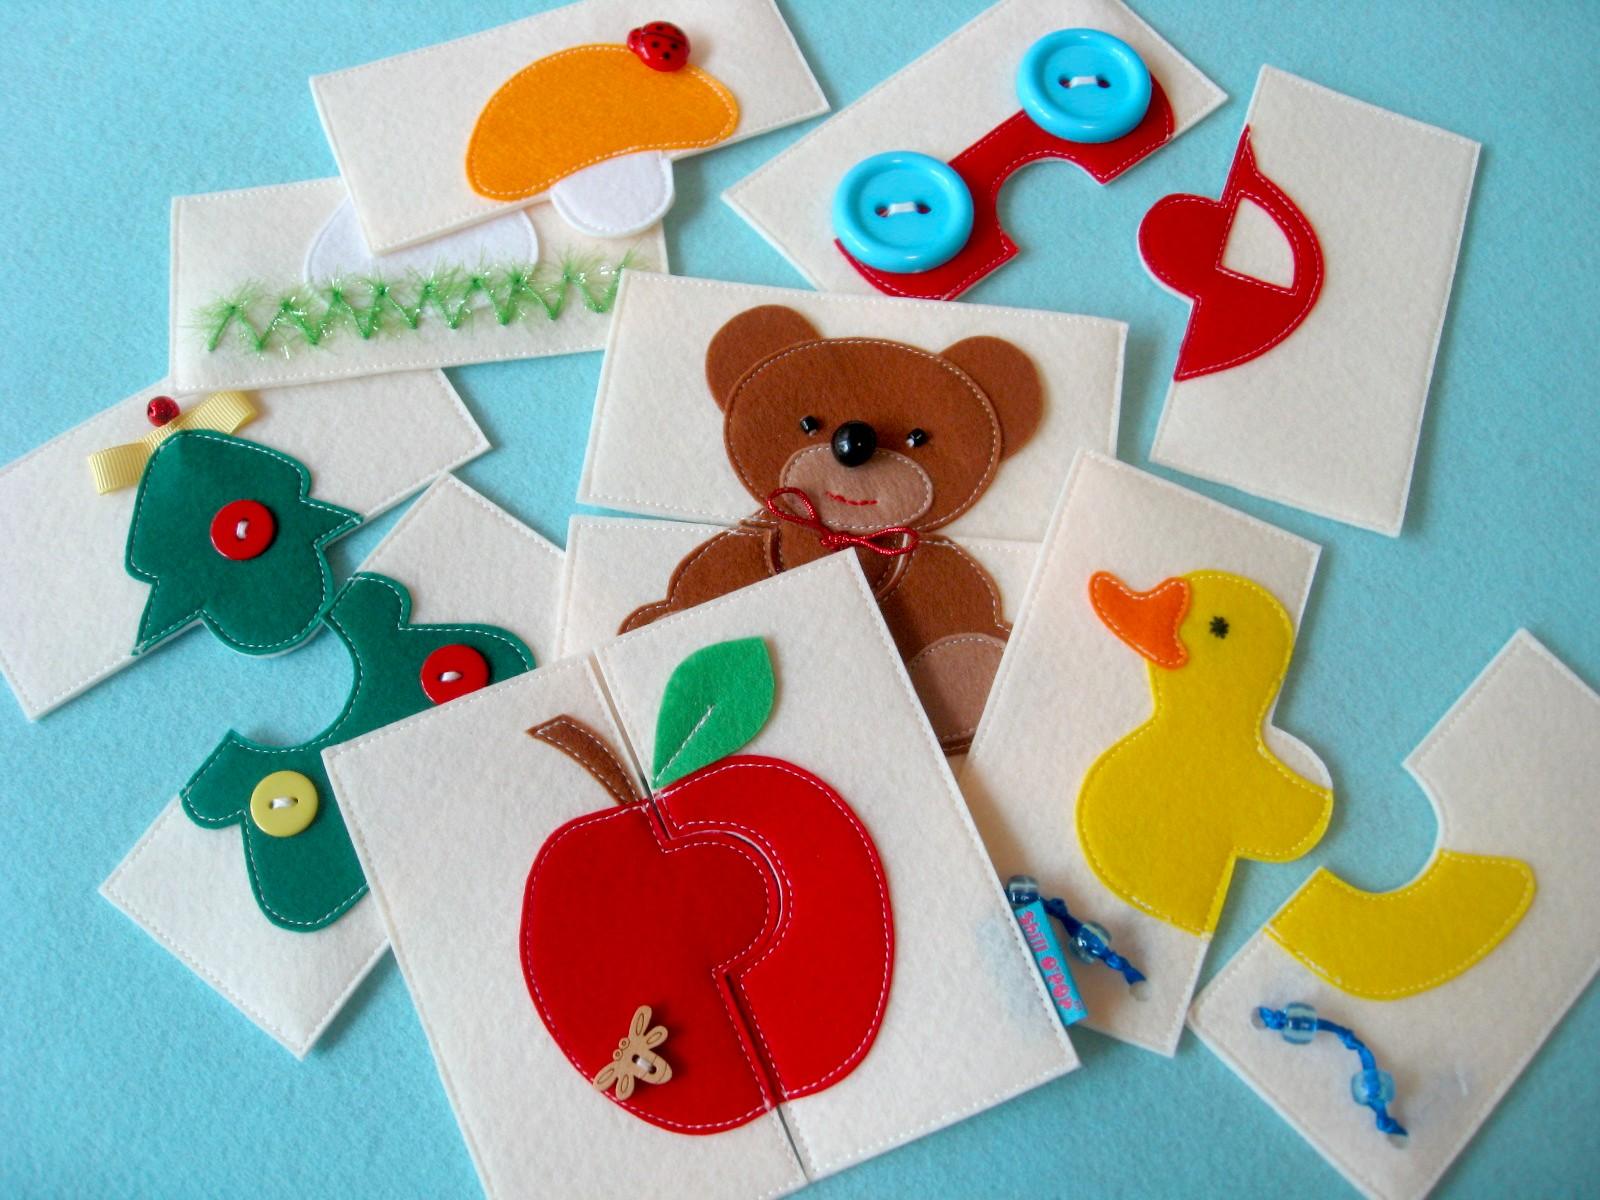 из фетра пазлы развивающие игрушки